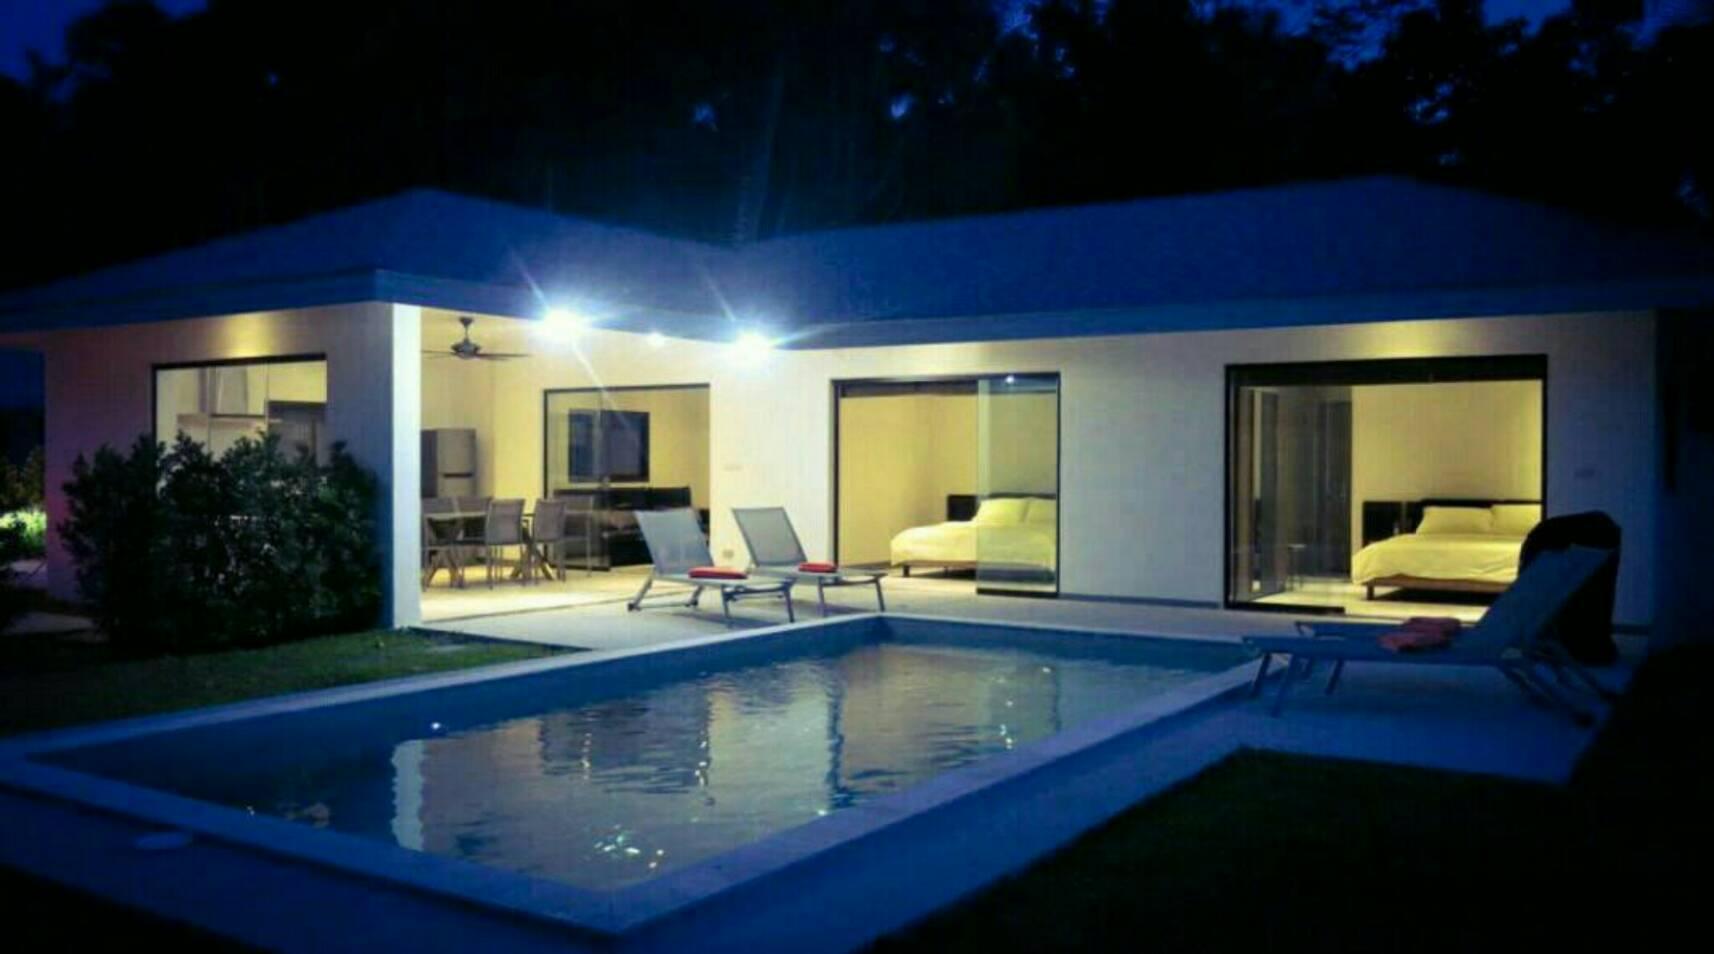 Maprao Villa 3 วิลลา 3 ห้องนอน 3 ห้องน้ำส่วนตัว ขนาด 532 ตร.ม. – แม่น้ำ